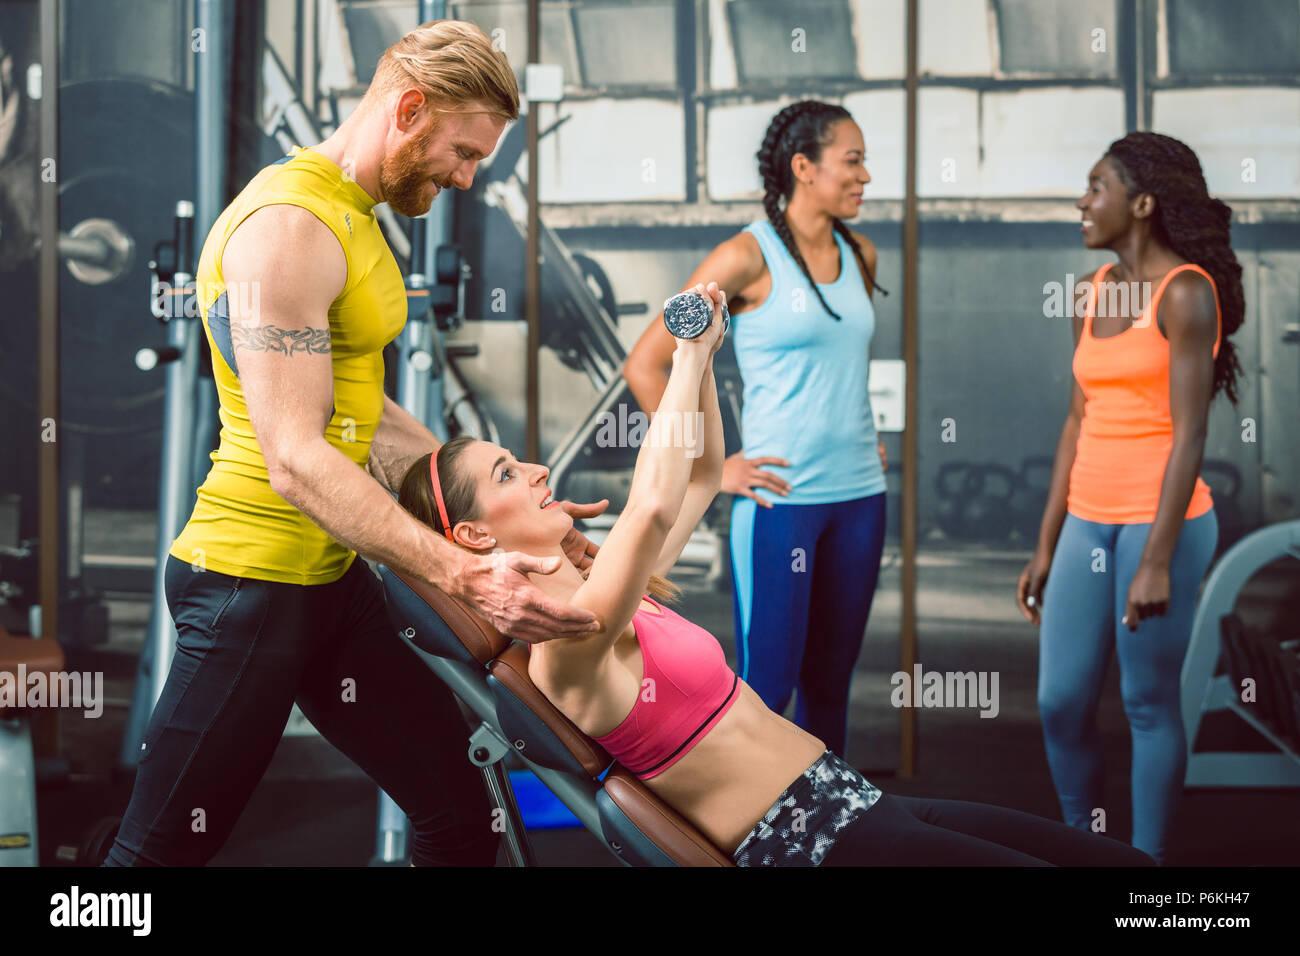 Vista lateral de un guapo entrenador personal guía a su cliente en el gimnasio Imagen De Stock